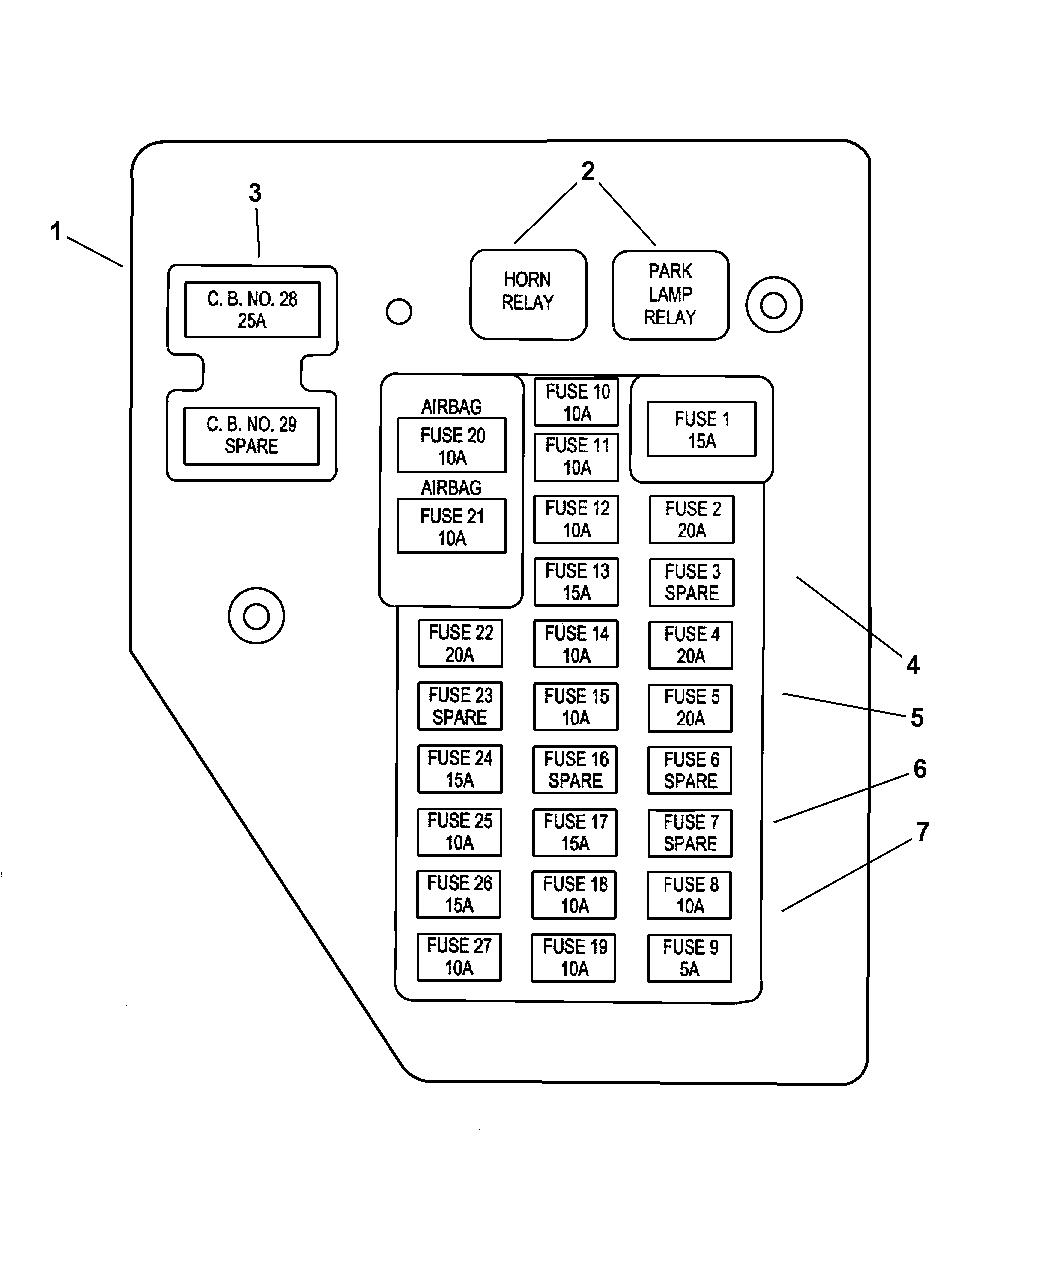 2004 dodge durango fuse box layout